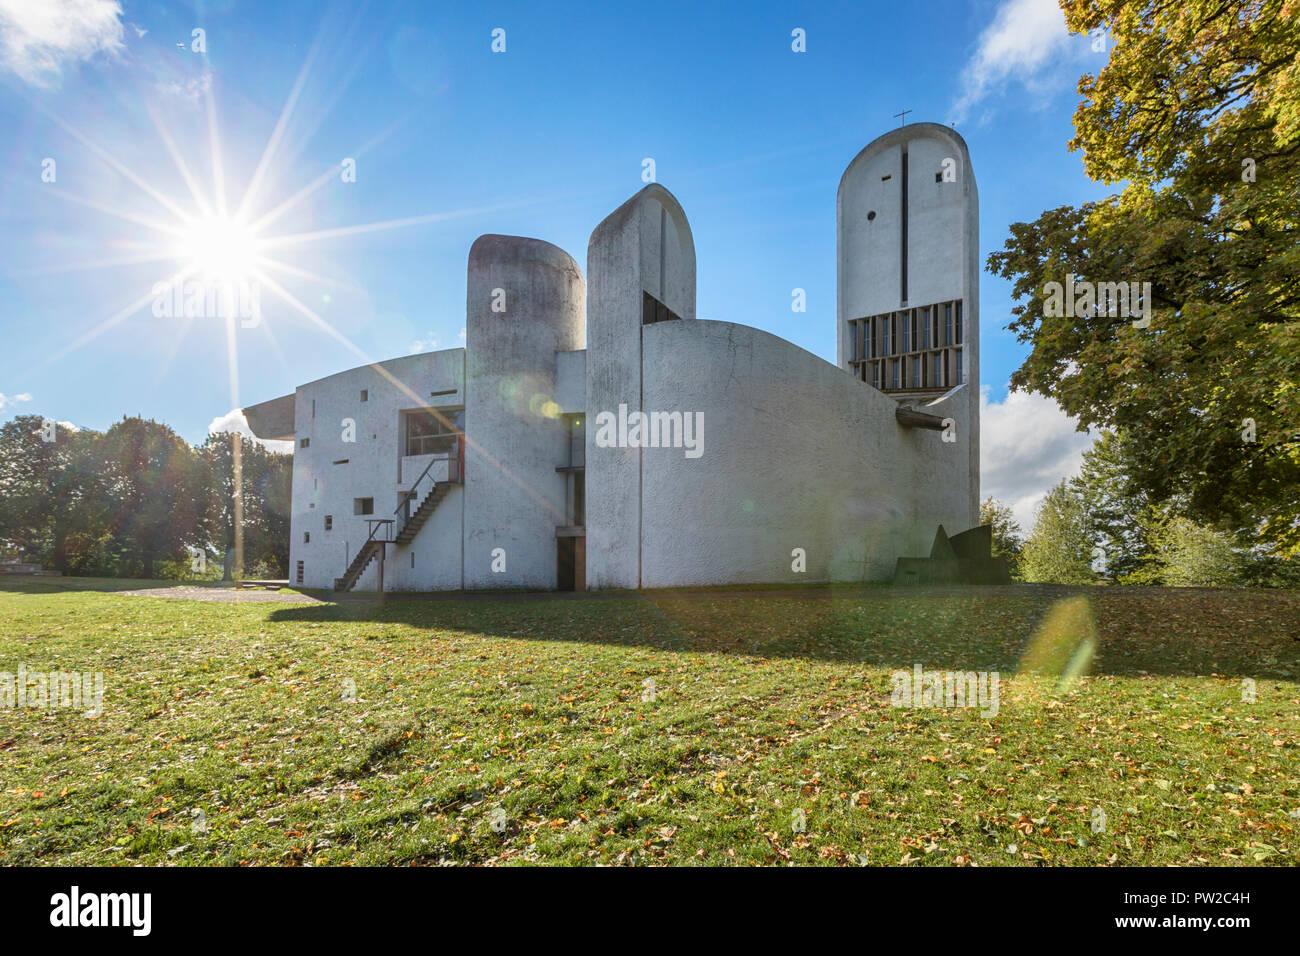 Chapelle Notre Dame du Haut construite par l'architecte Le Corbusier en 1955 à Ronchamp, Bourgogne-Franche-Comté, France. Nort-Western voir contre matin s Banque D'Images